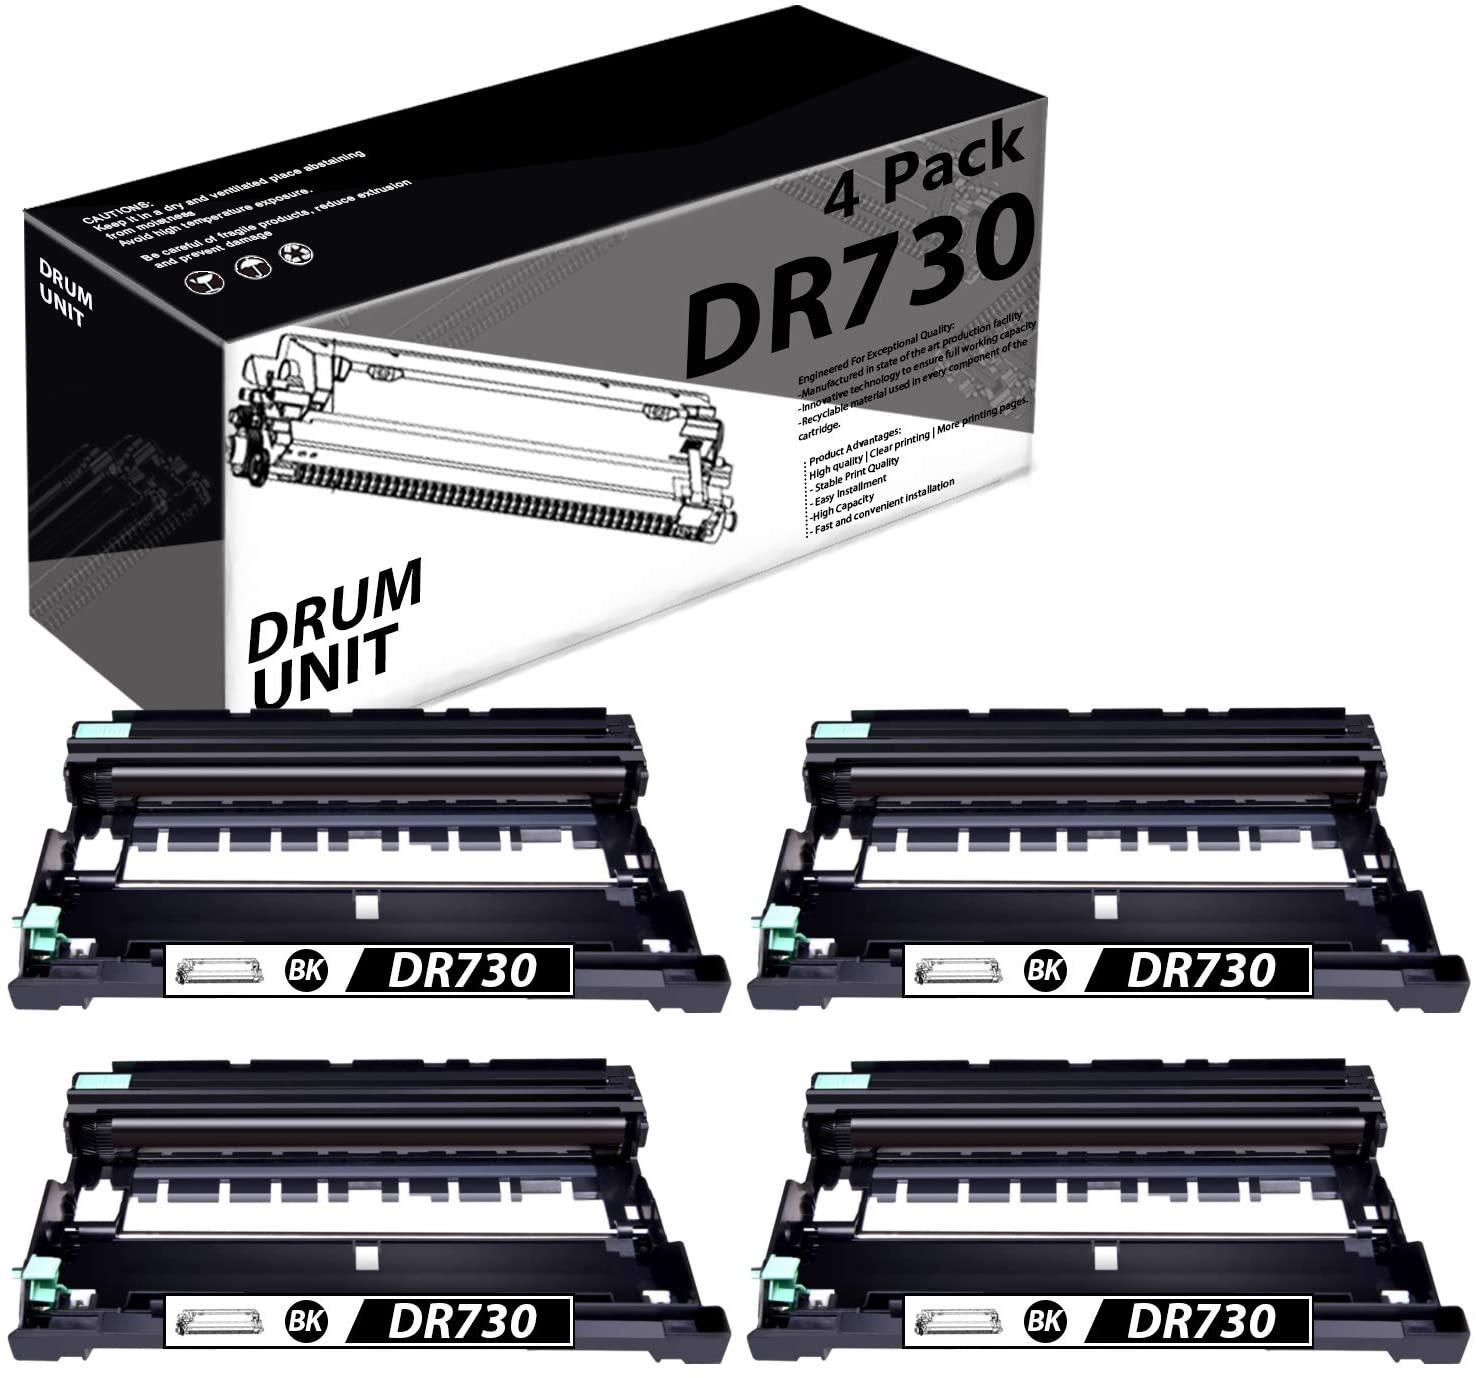 DR730(4 Pack-Black) Compatible Drum Unit Replacement for Brother DCP-L2550DW MFC-L2710DW L2750DW L2750DWXL HL-L2350DW L2370DW/DWXL L2390DW L2395DW Printer.